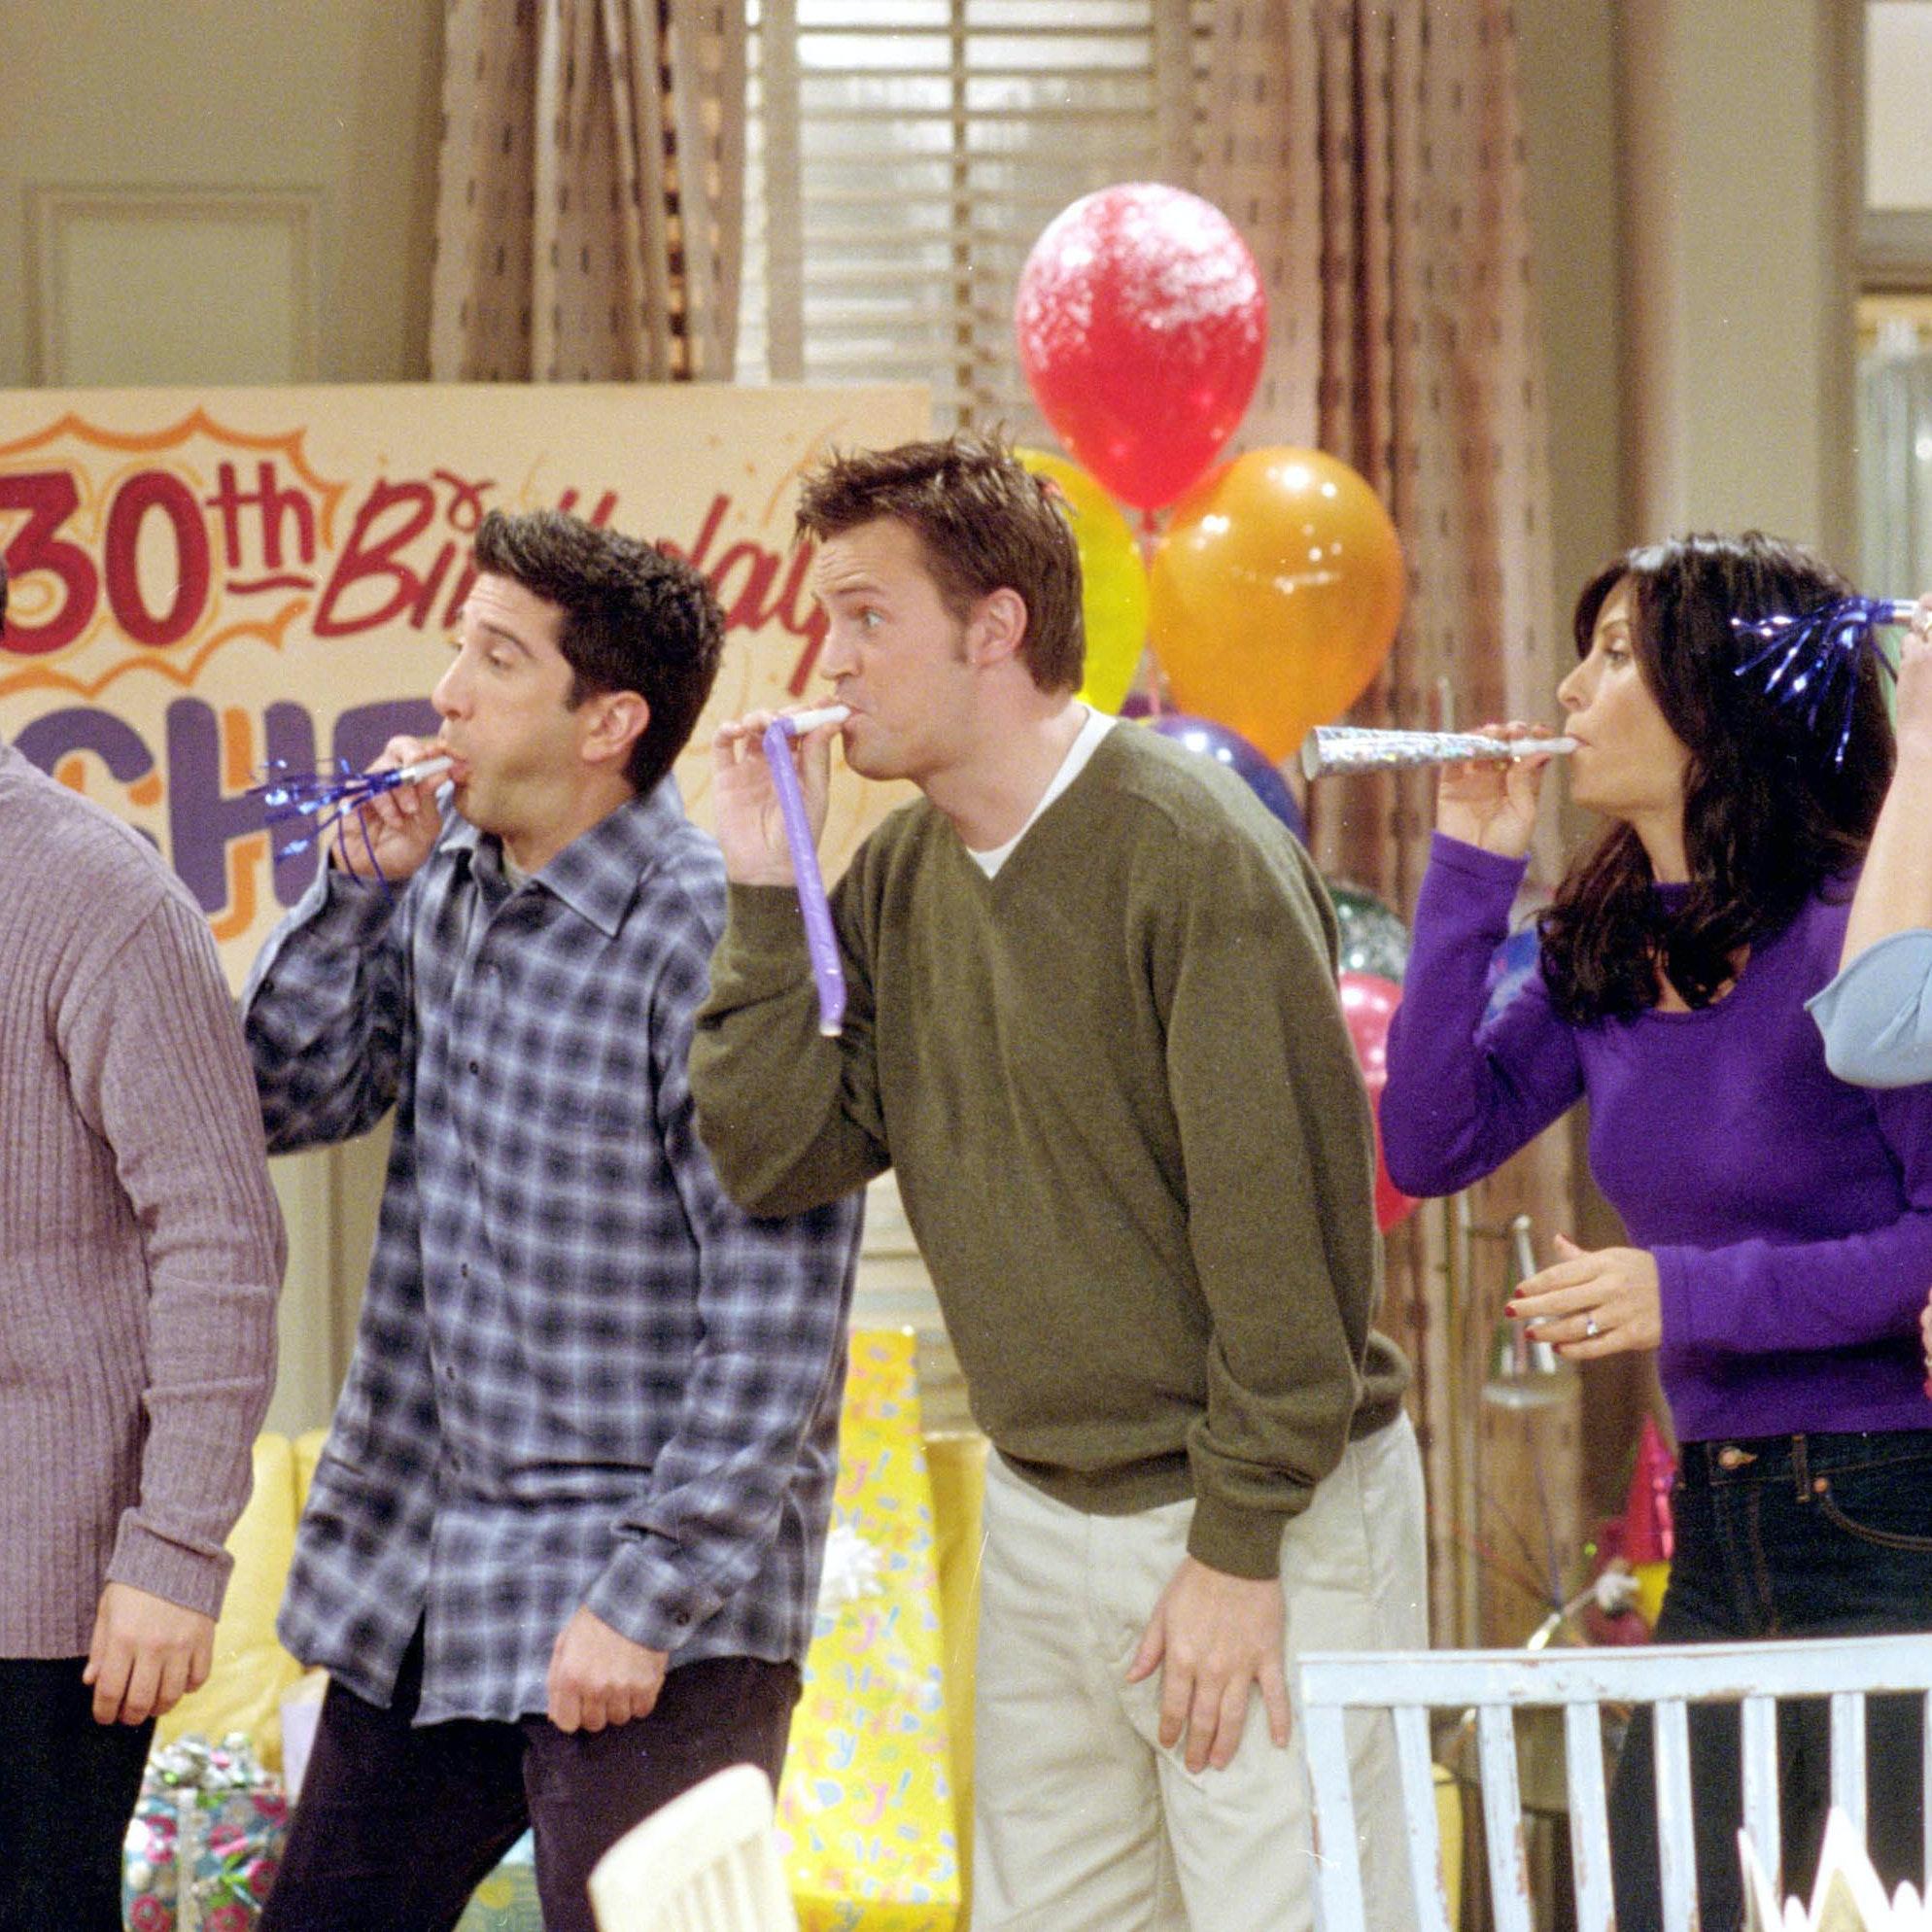 Stor afsløring Justin Bieber og BTS gæster reunion-afsnit af 'Friends'